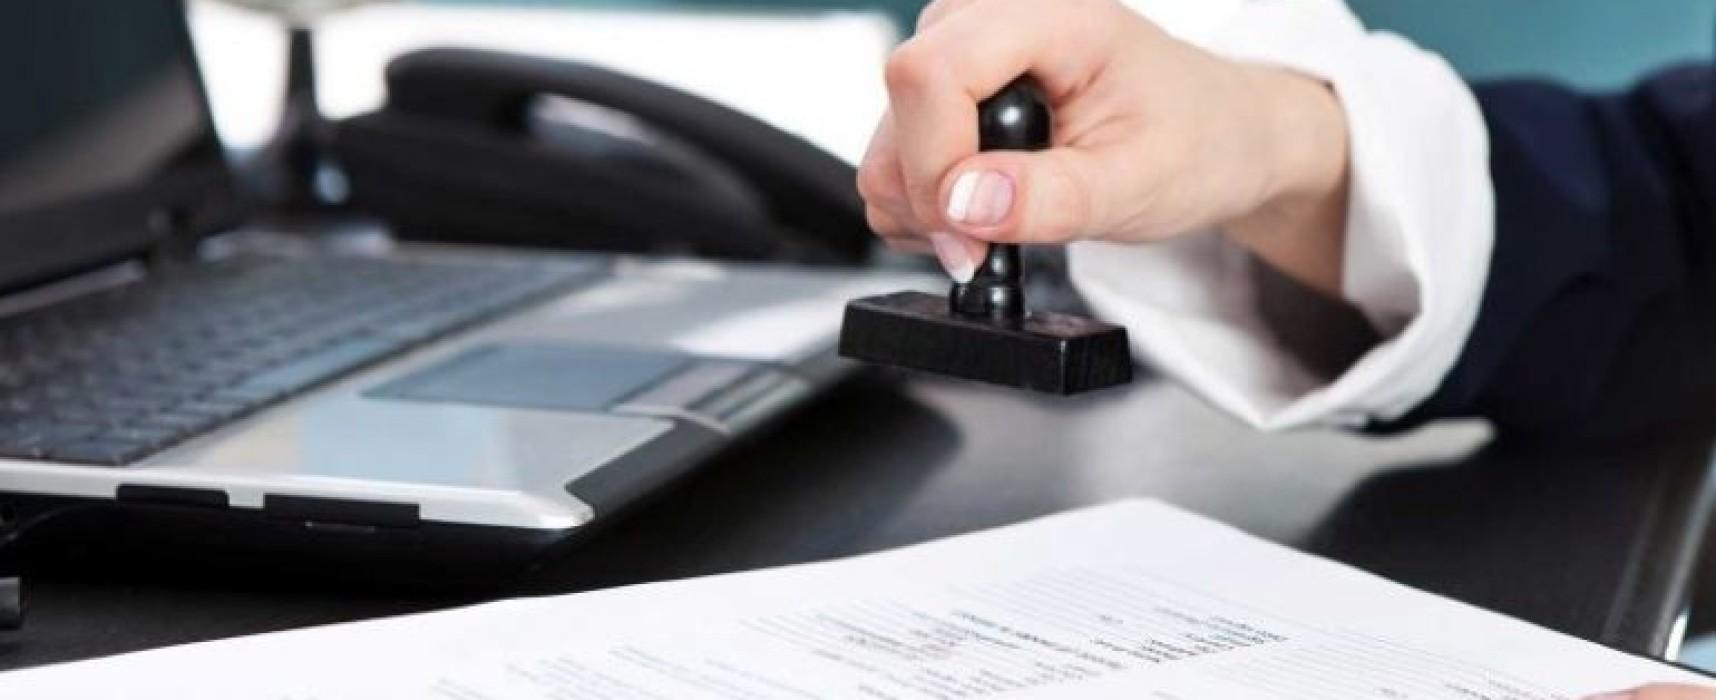 Оформление заявления при трудоустройстве к индивидуальному предпринимателю